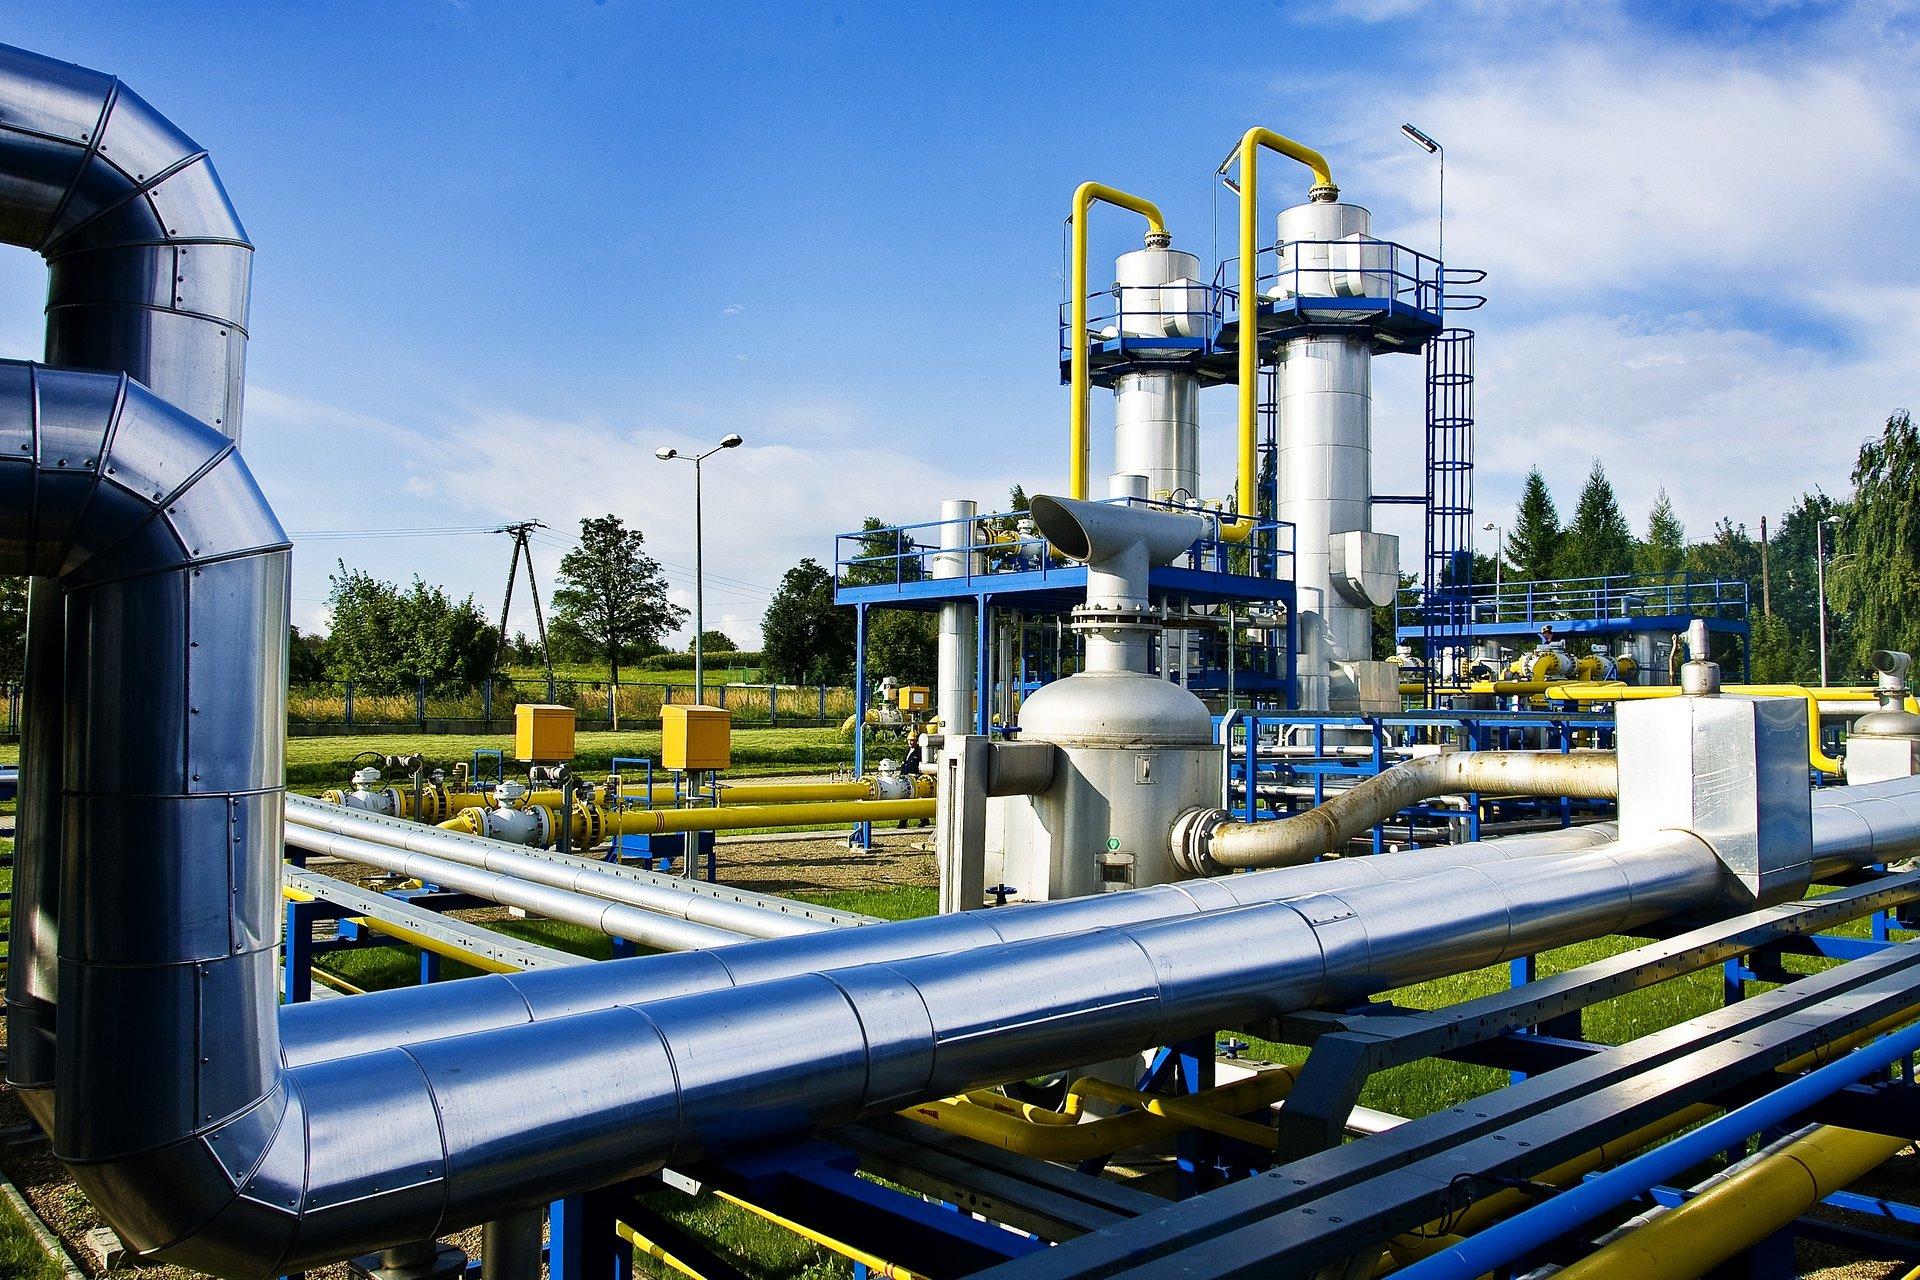 GAZ-SYSTEM S.A. podpisał umowę na kredyt w rachunku bieżącym z PKO Bankiem Polskim